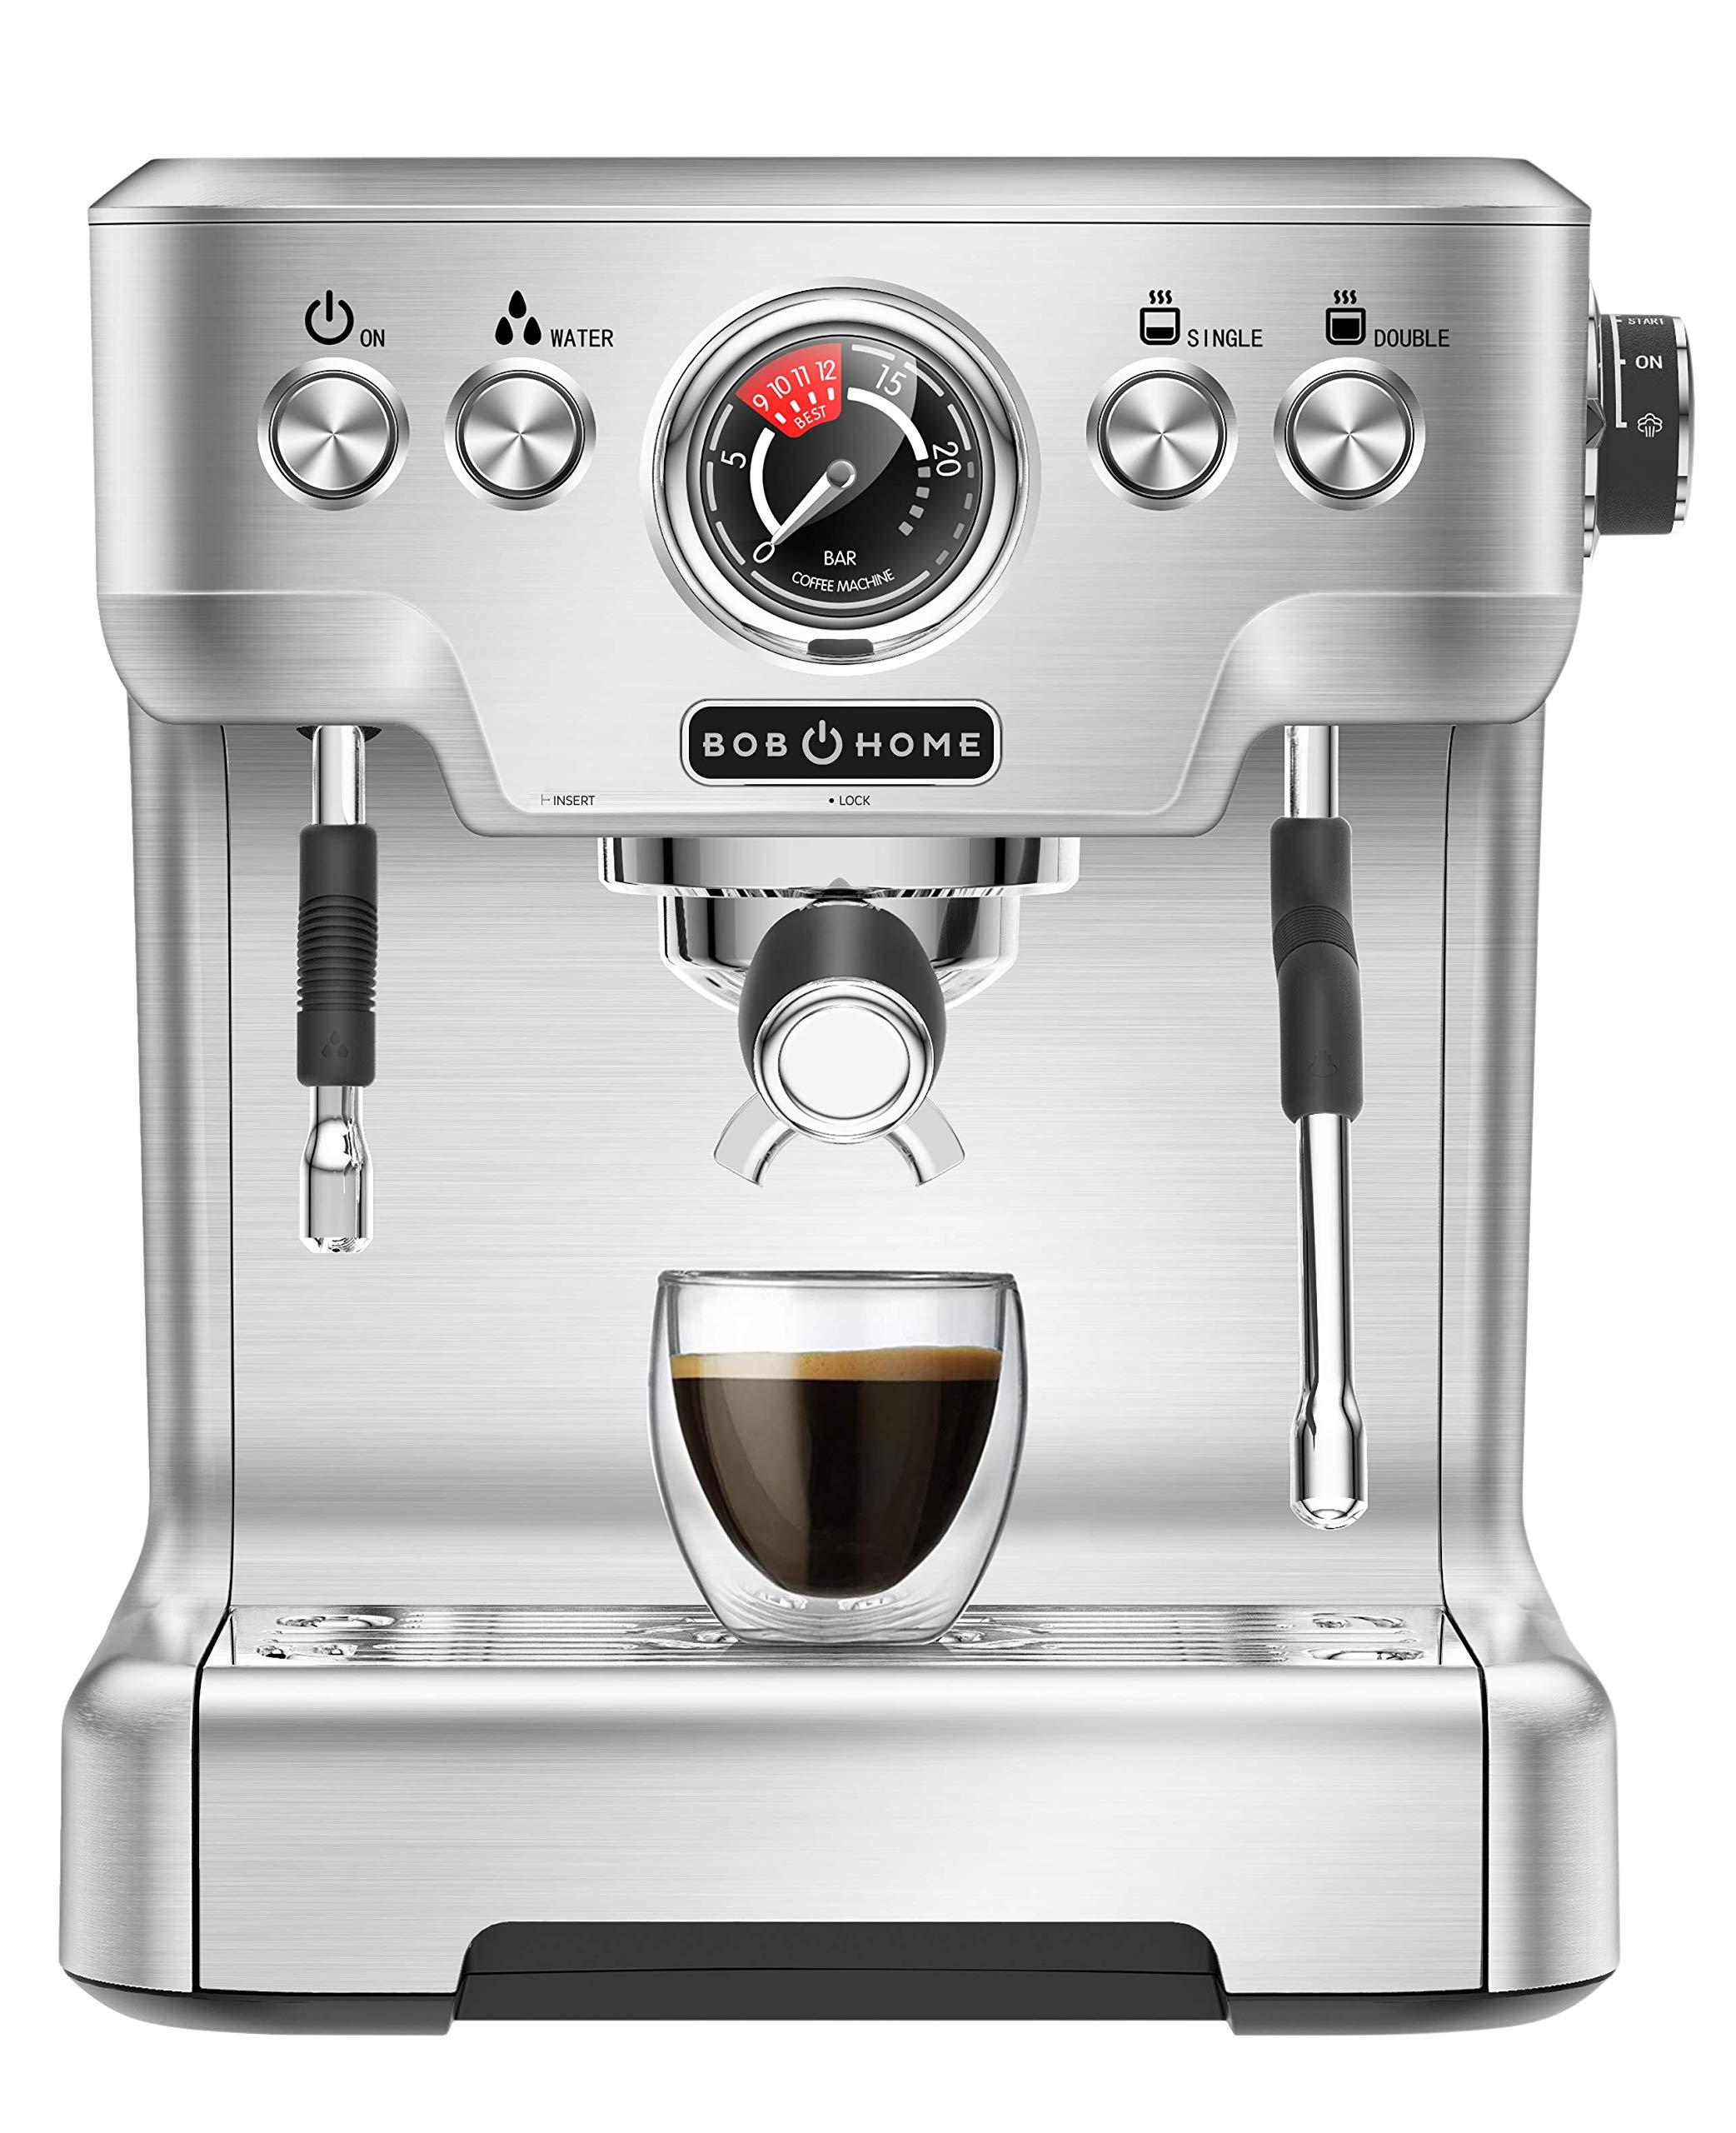 BOB HOME ESPRESSO CLUB - Máquina de café espresso (20 bares, indicador de presión, carcasa de aluminio fundido a presión, espumador de leche, boquilla de agua caliente, café expreso con solo pulsar